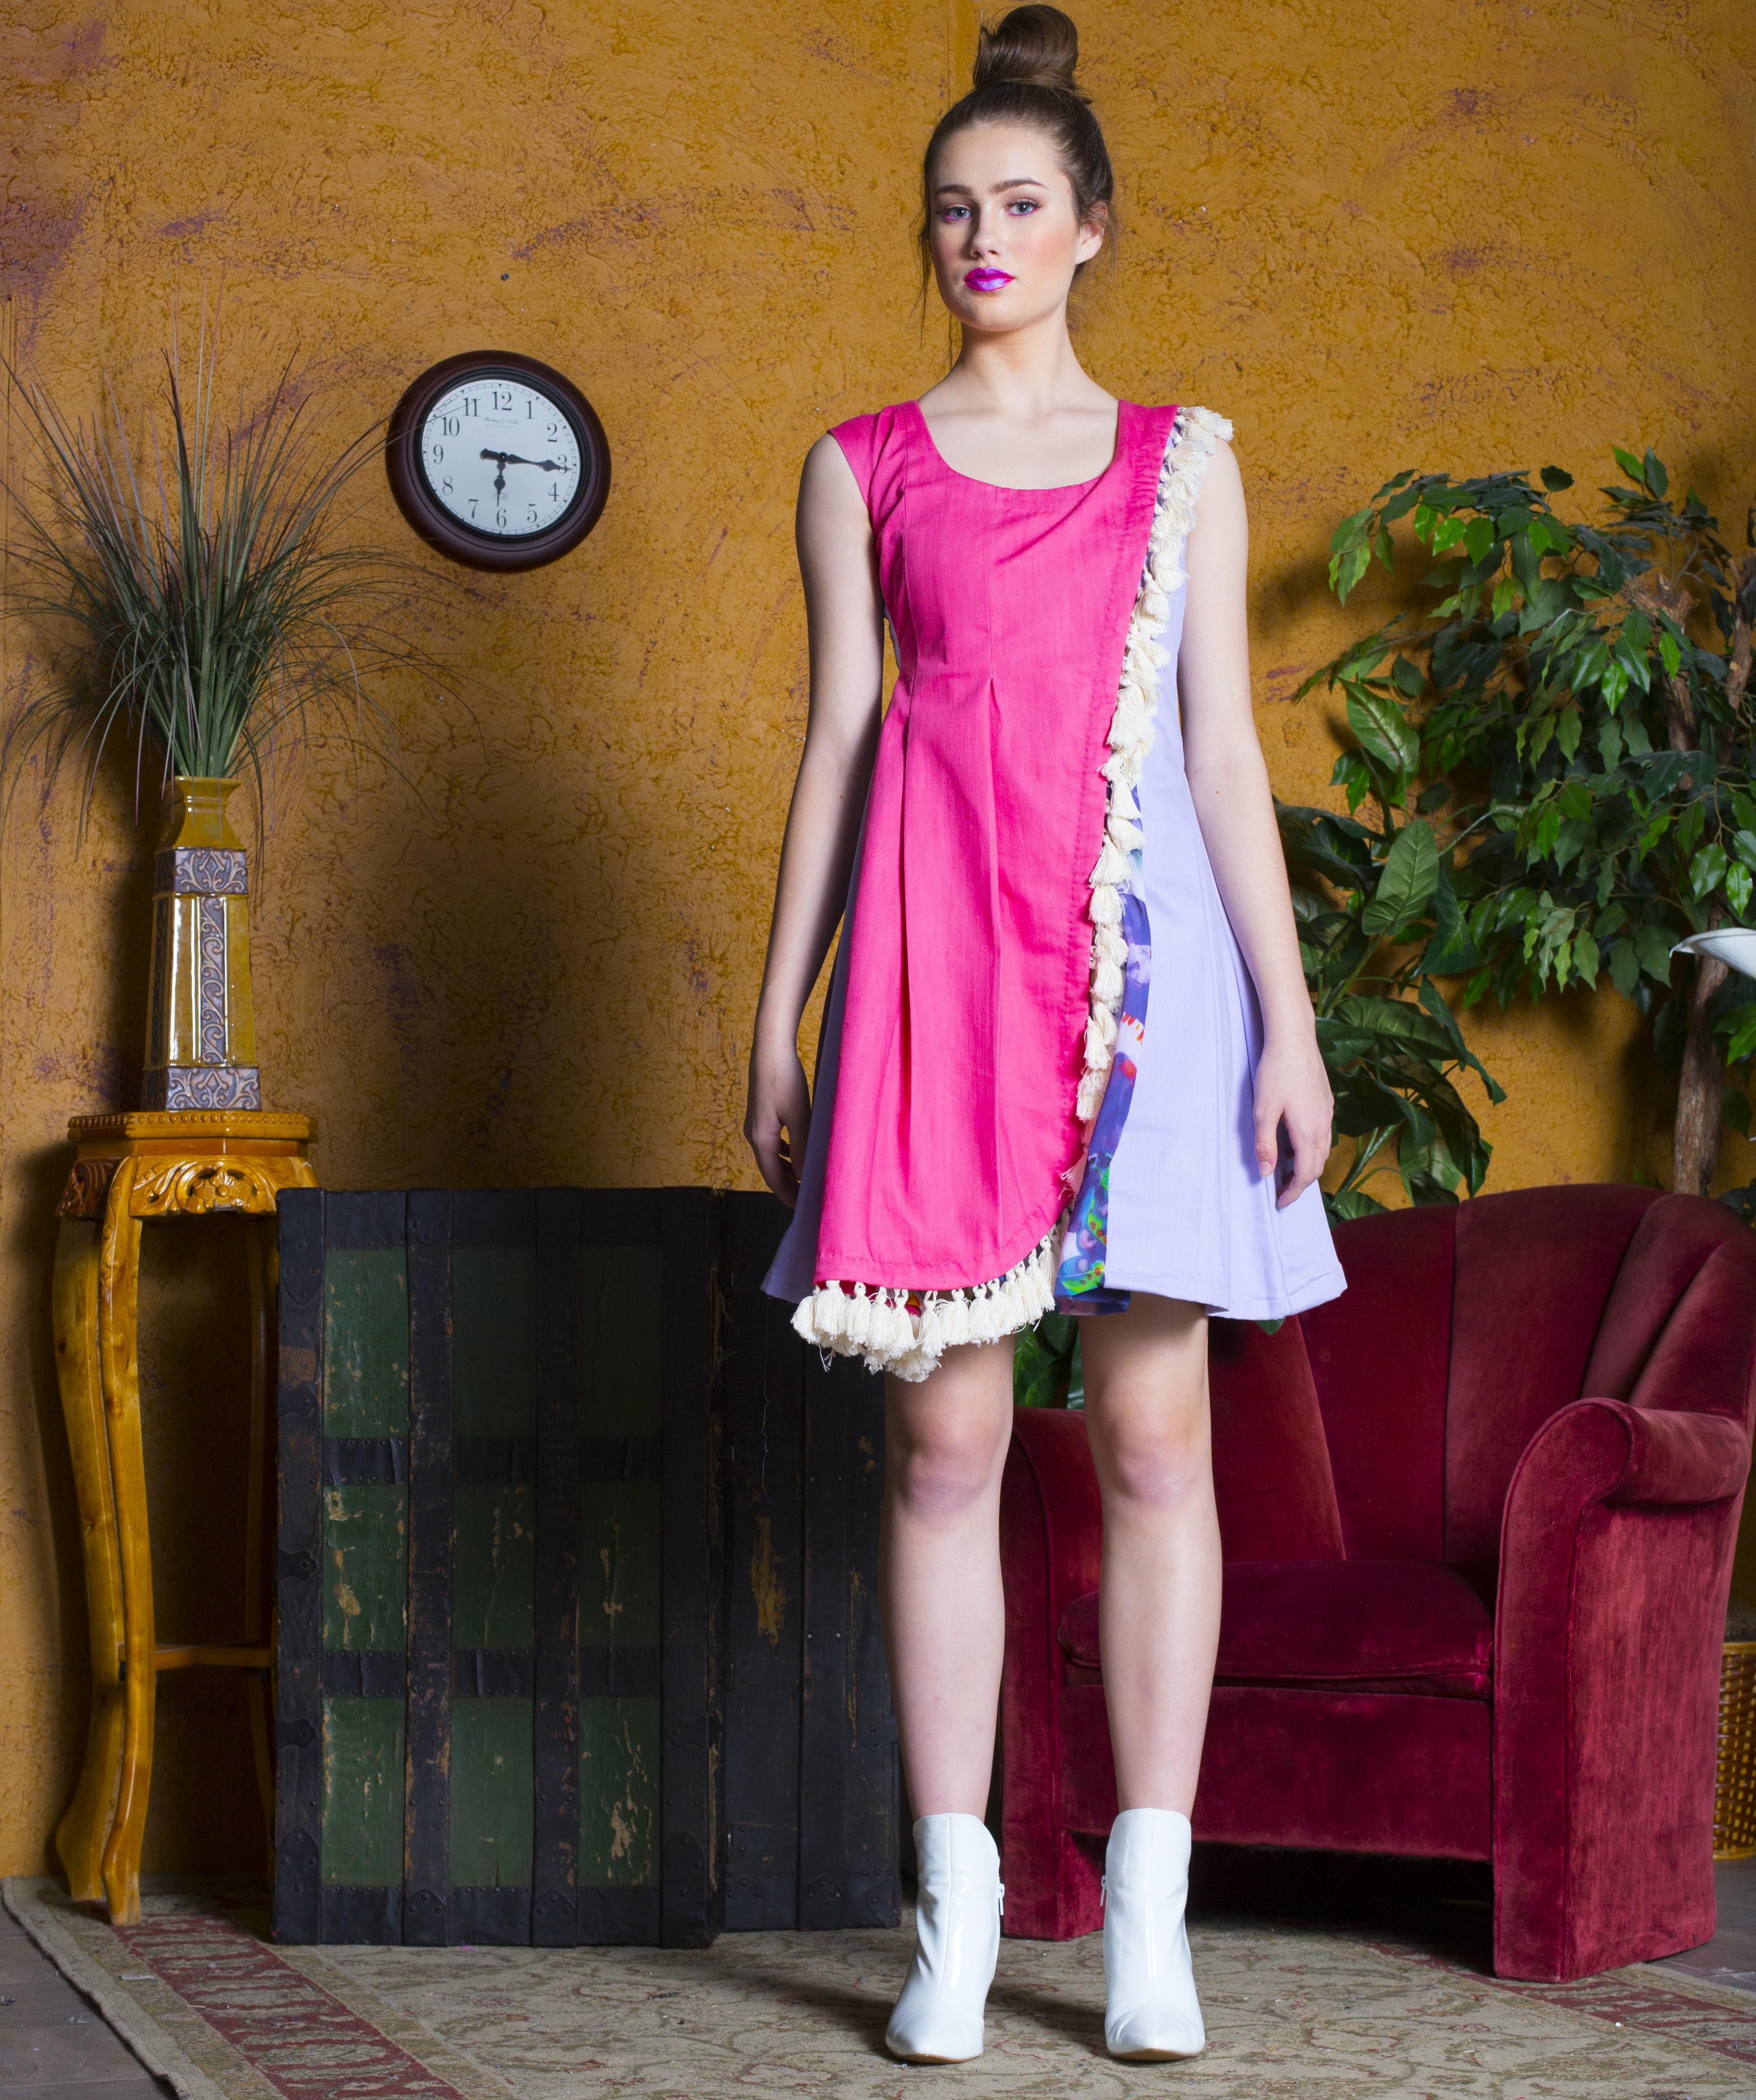 FLORAL DENIM CHFFON LAYERED DRESS